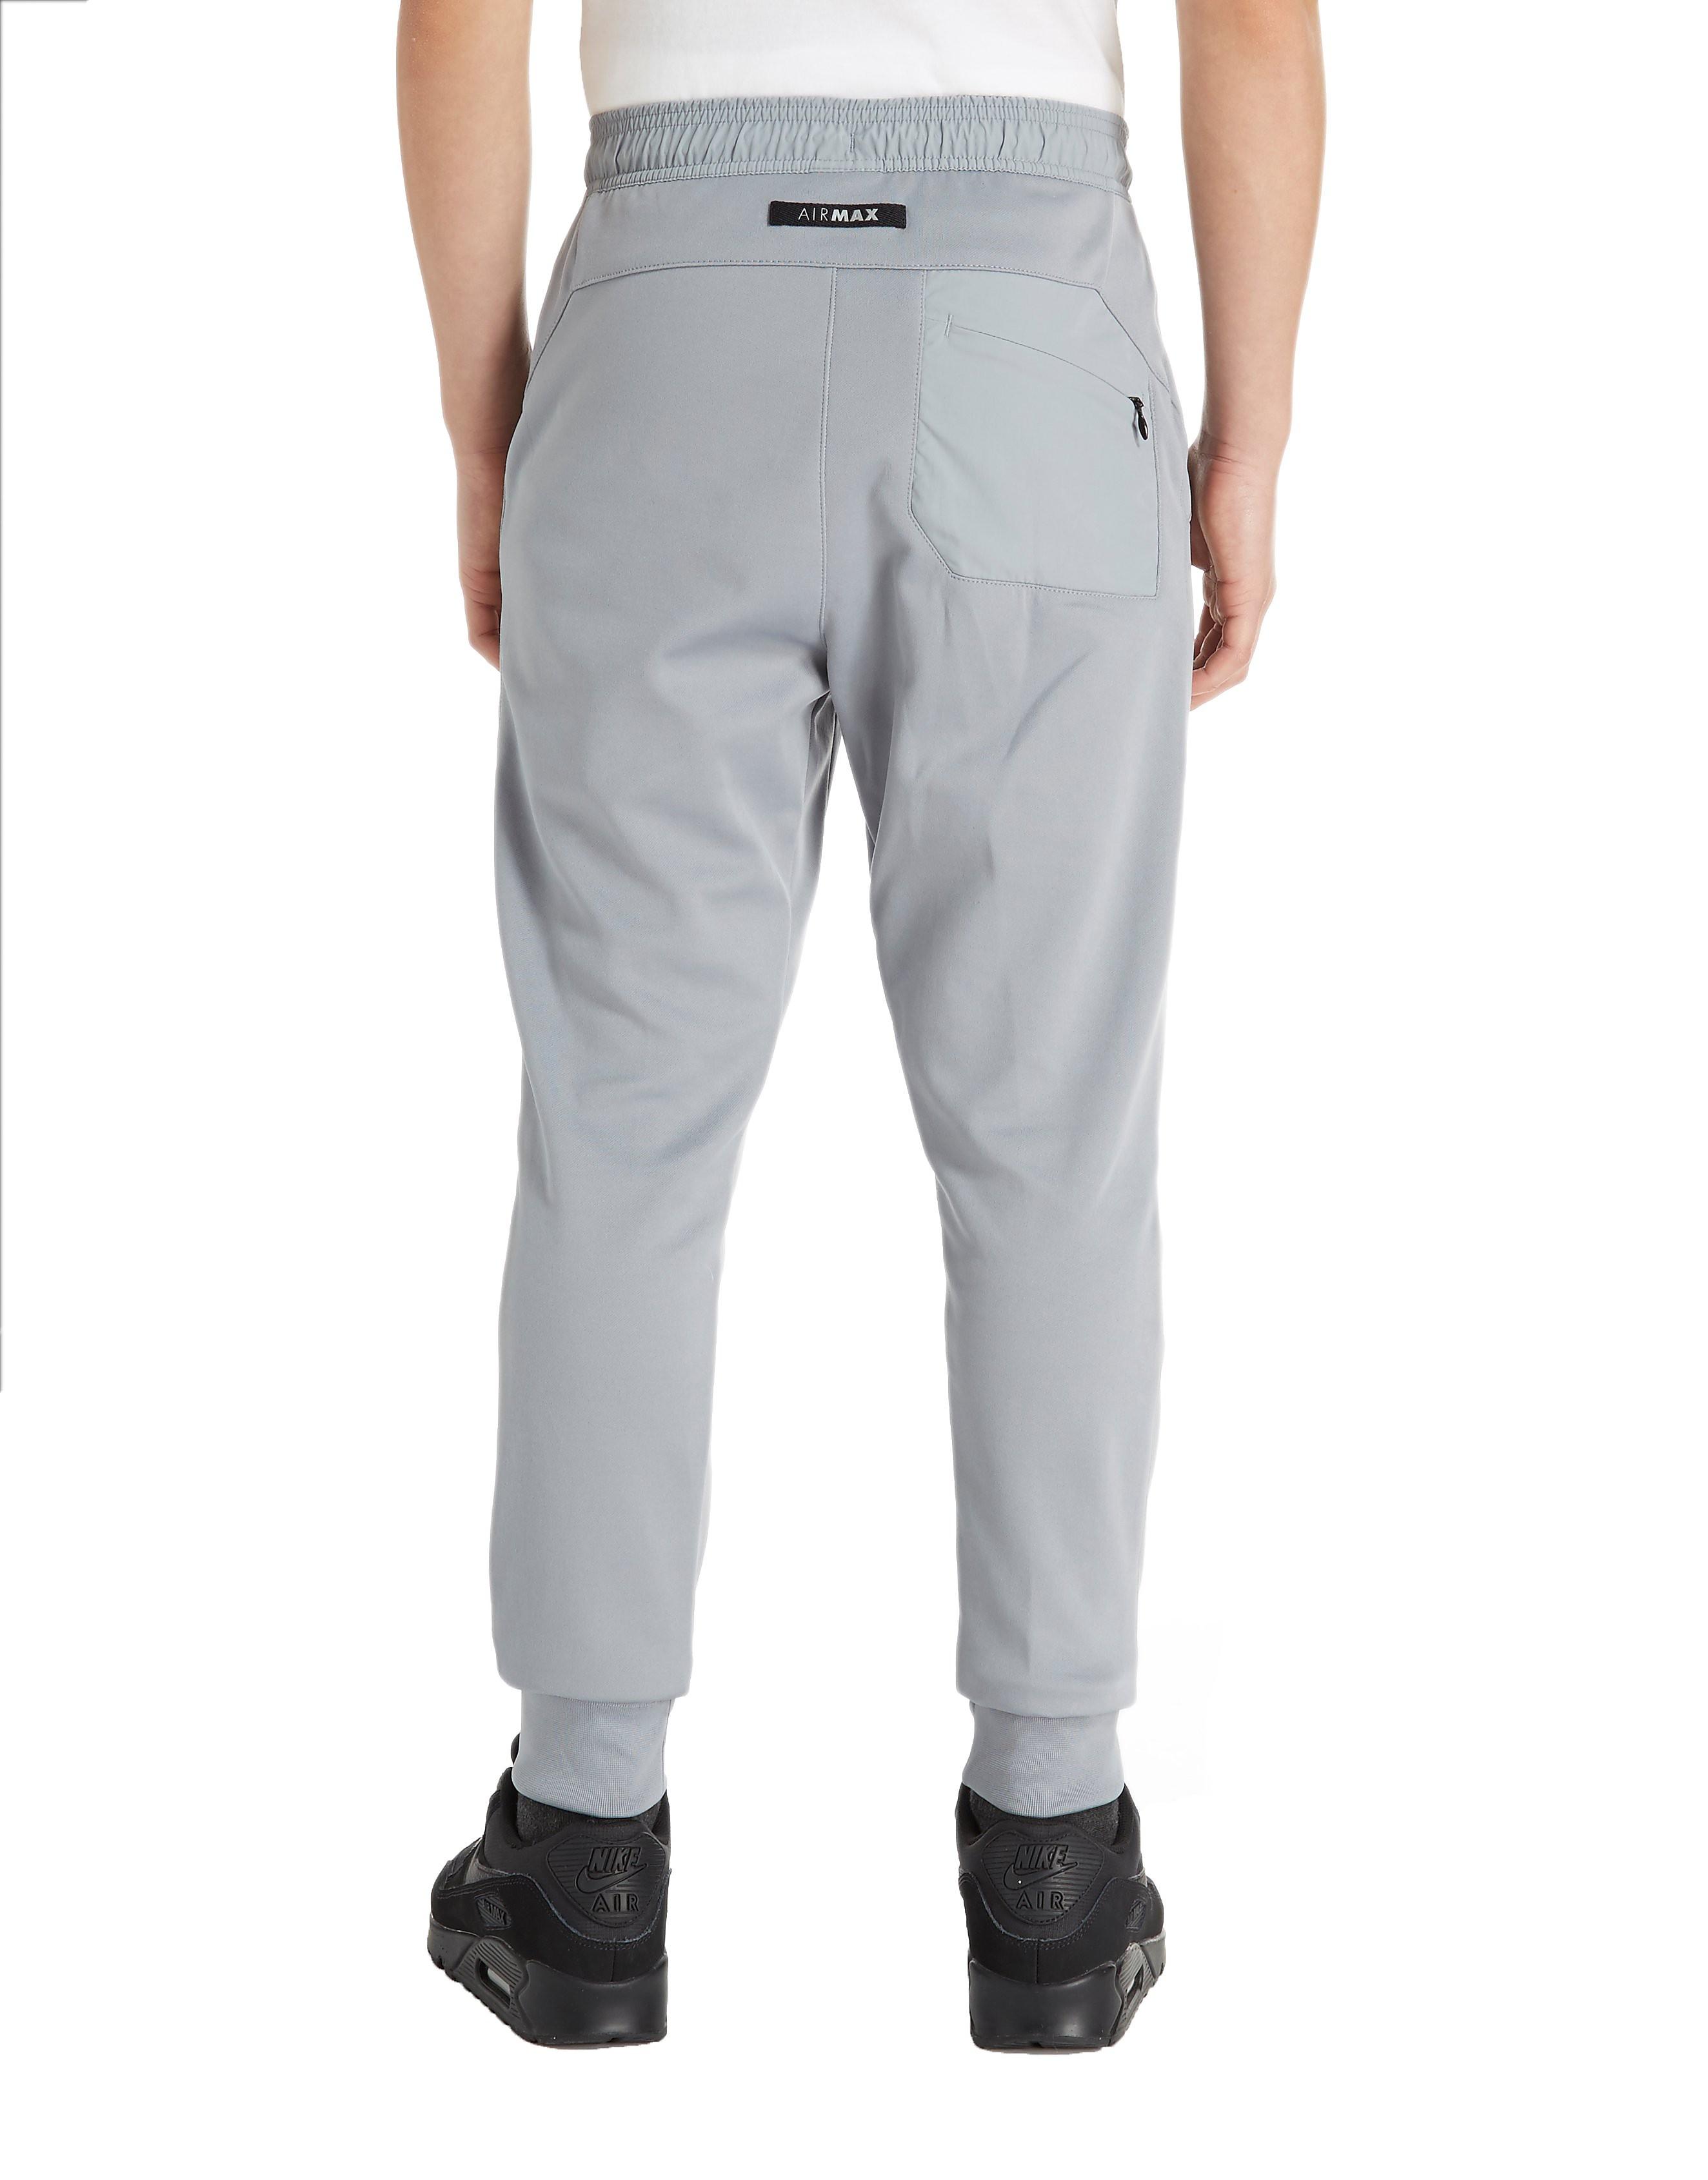 Nike Air Max Pants Junior